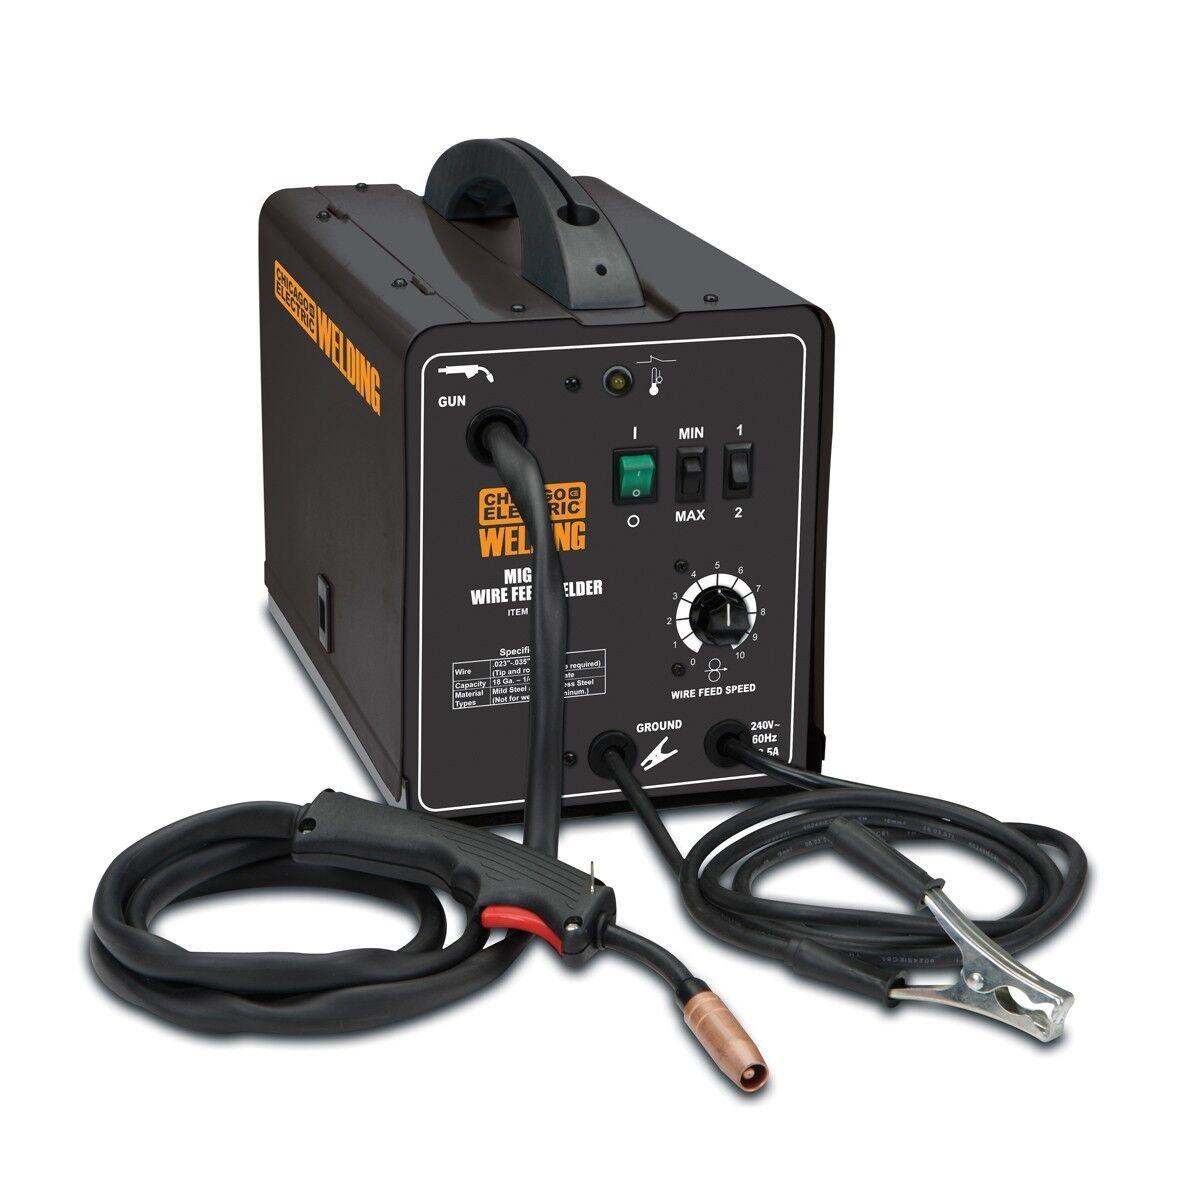 s l1600 chicago electric welder ebay wiring diagram for chicago electric welder at bayanpartner.co